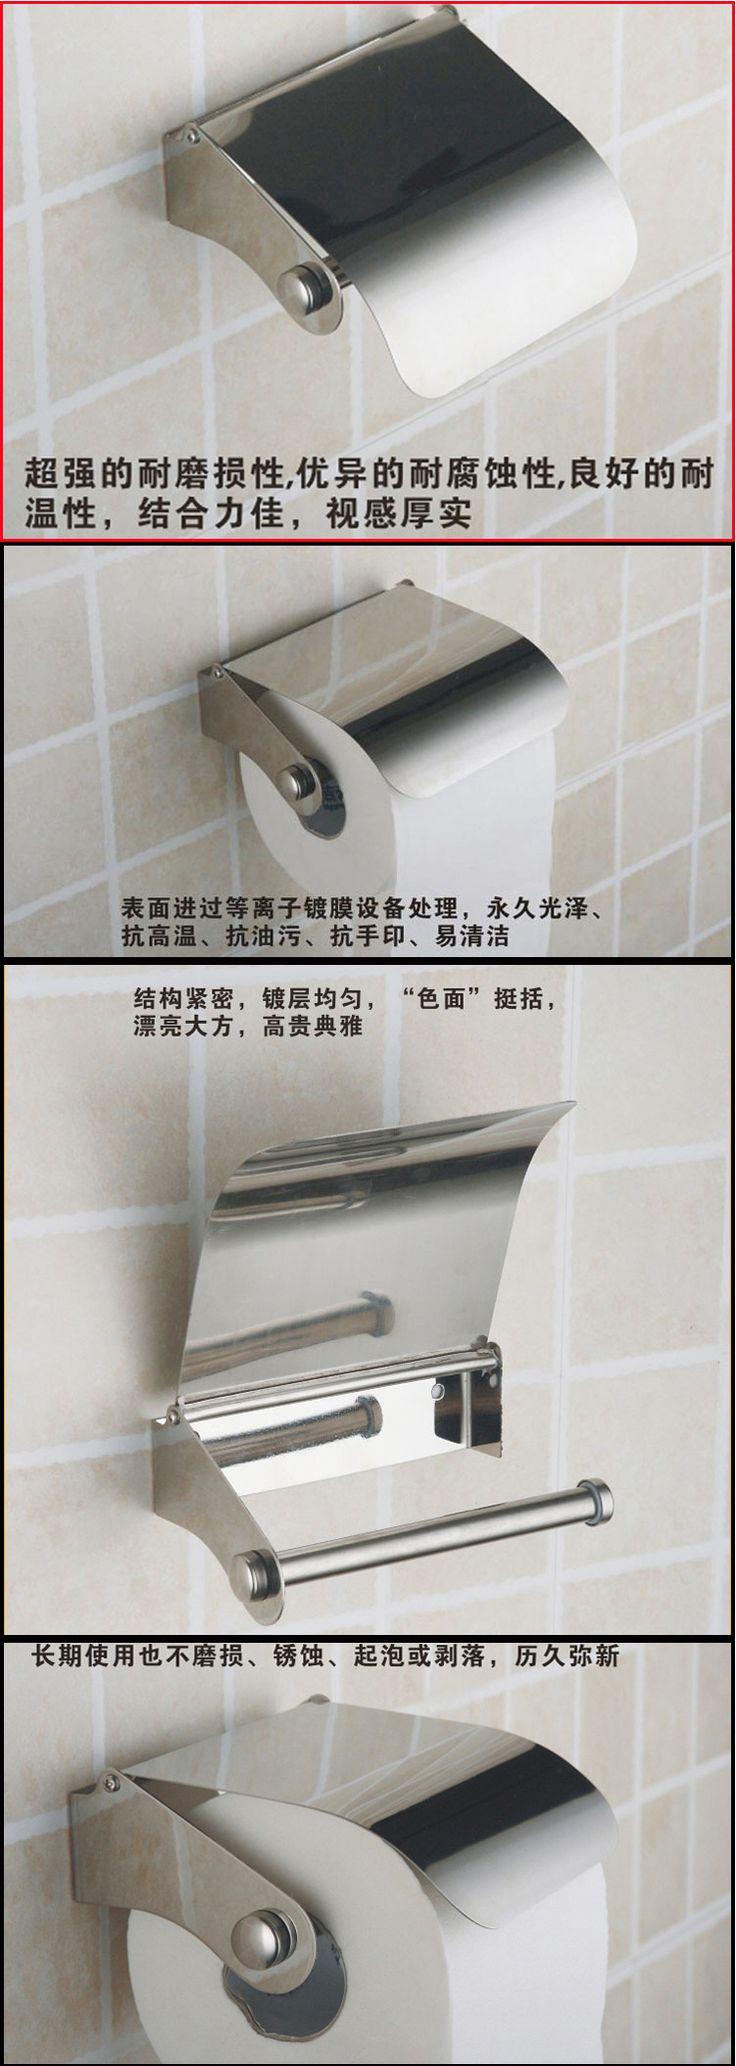 酒店下開口抽紙衛生間廁所浴室防水手紙盒紙巾架卷紙盒不鏽鋼正品-淘宝网全球站